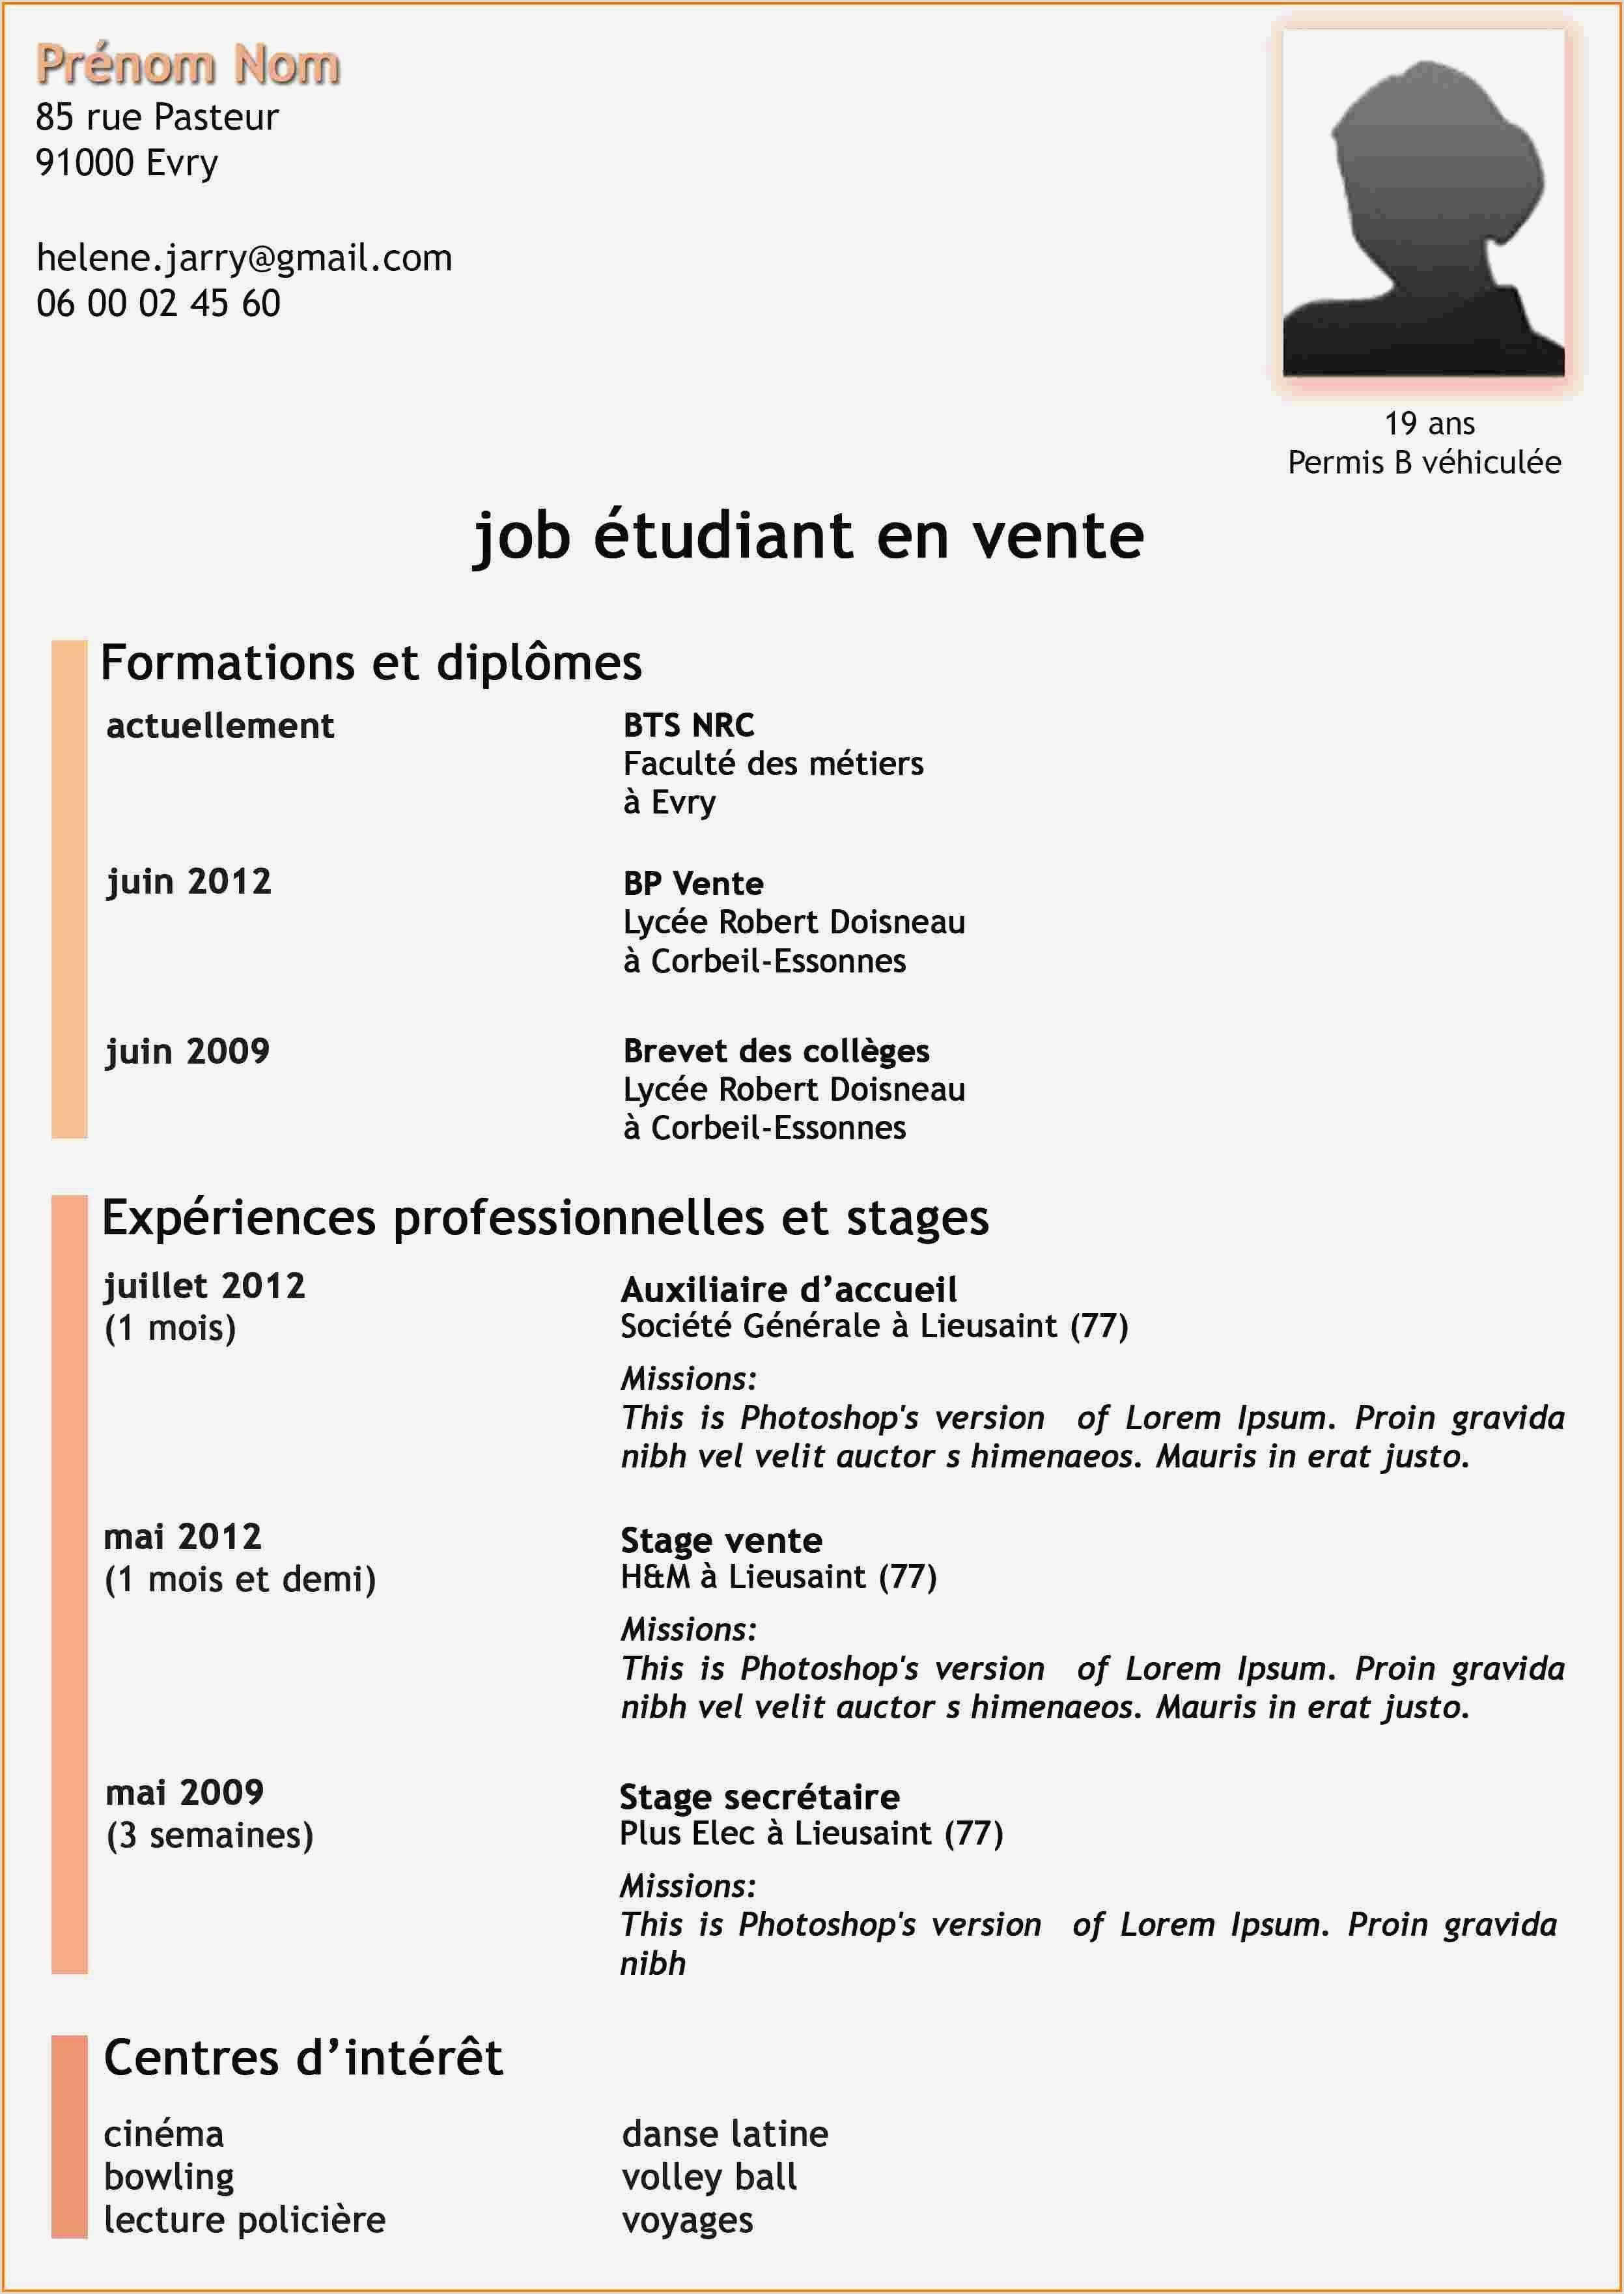 Exemple De Cv Francais Pour Etudiant Exemple De Cv Collegien Inspiré Modele Cv Pour Etudiant Ment